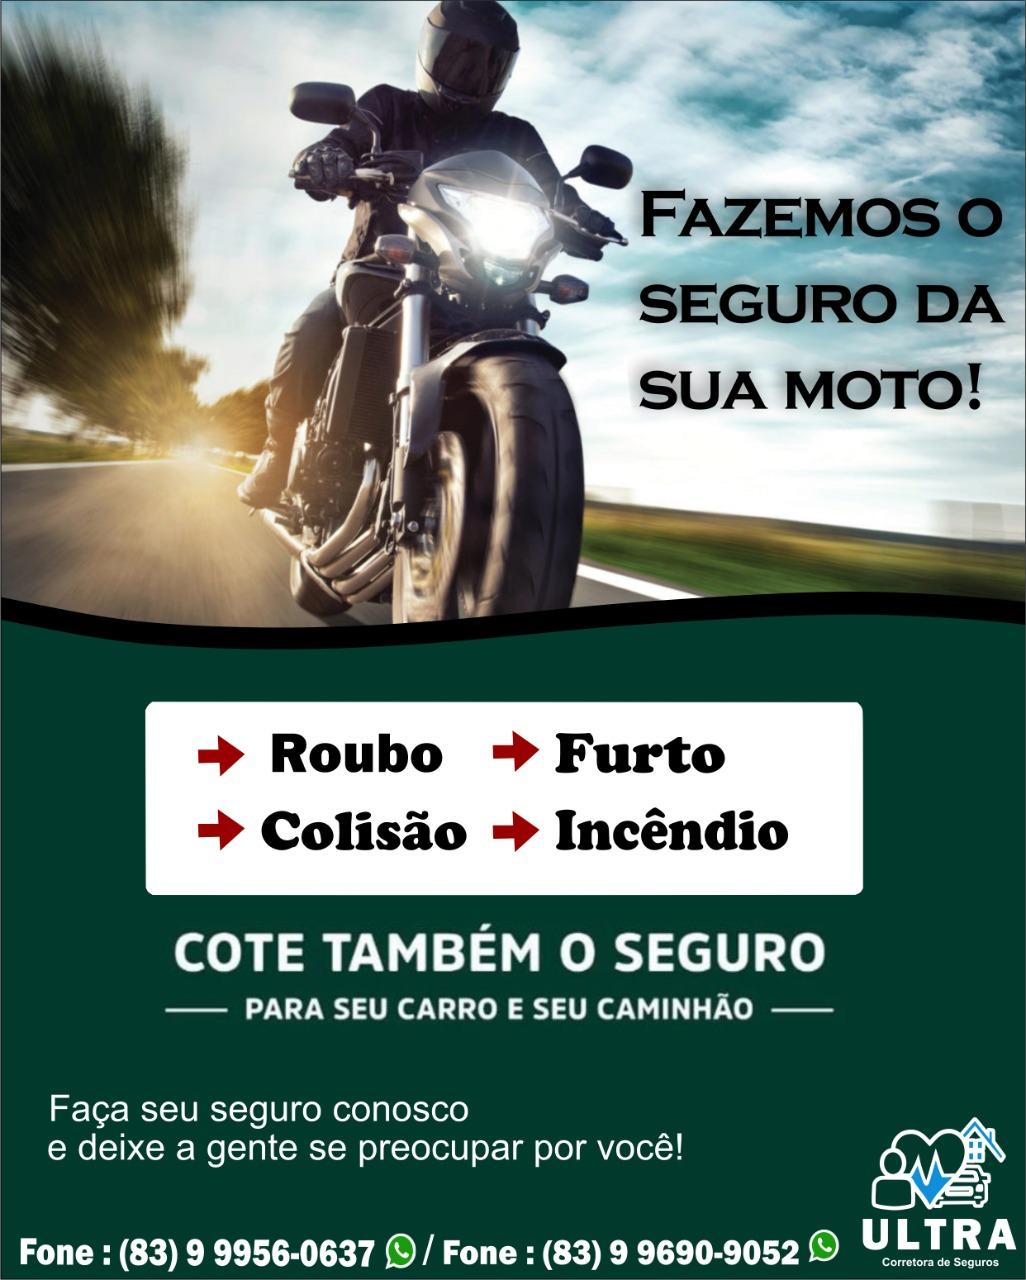 WhatsApp-Image-2021-08-24-at-08.19.10 Chegou em Monteiro a Ultra Corretora de Seguros